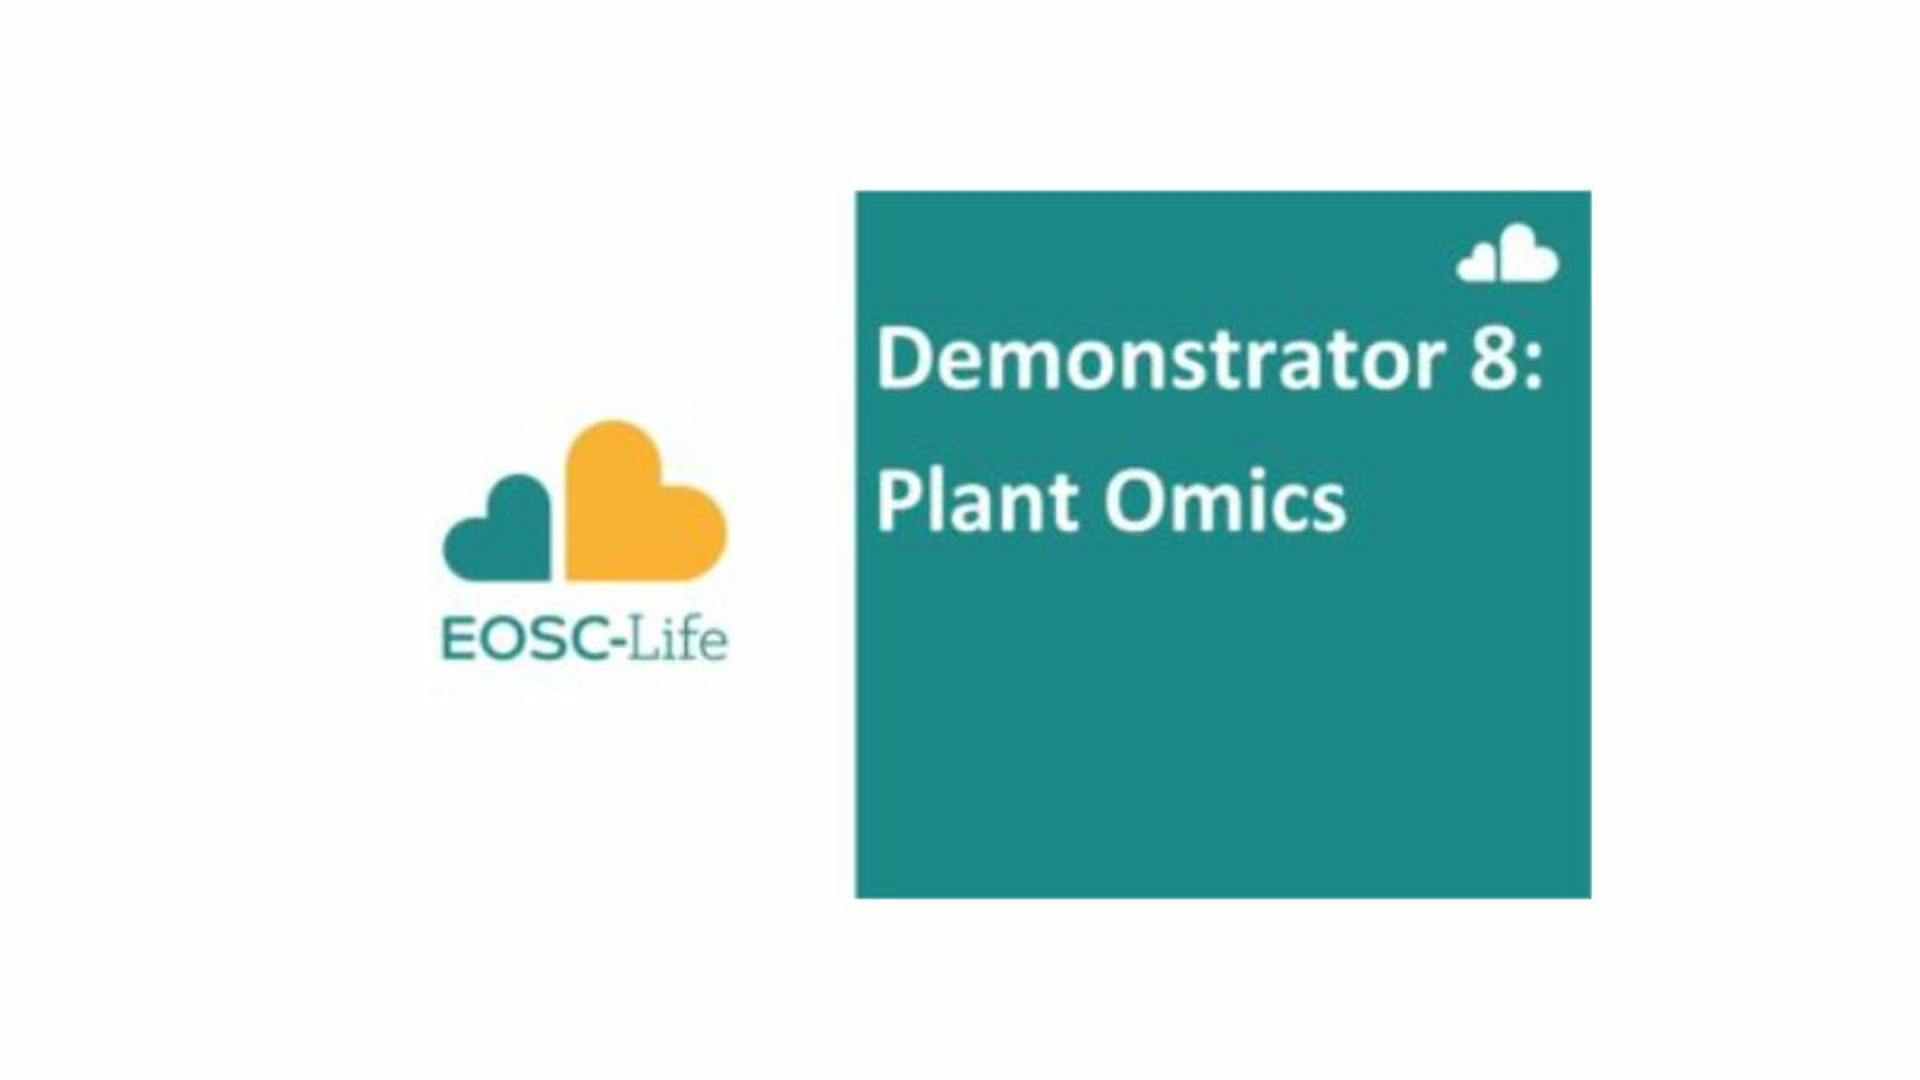 EOSC-Life Demonstrator header